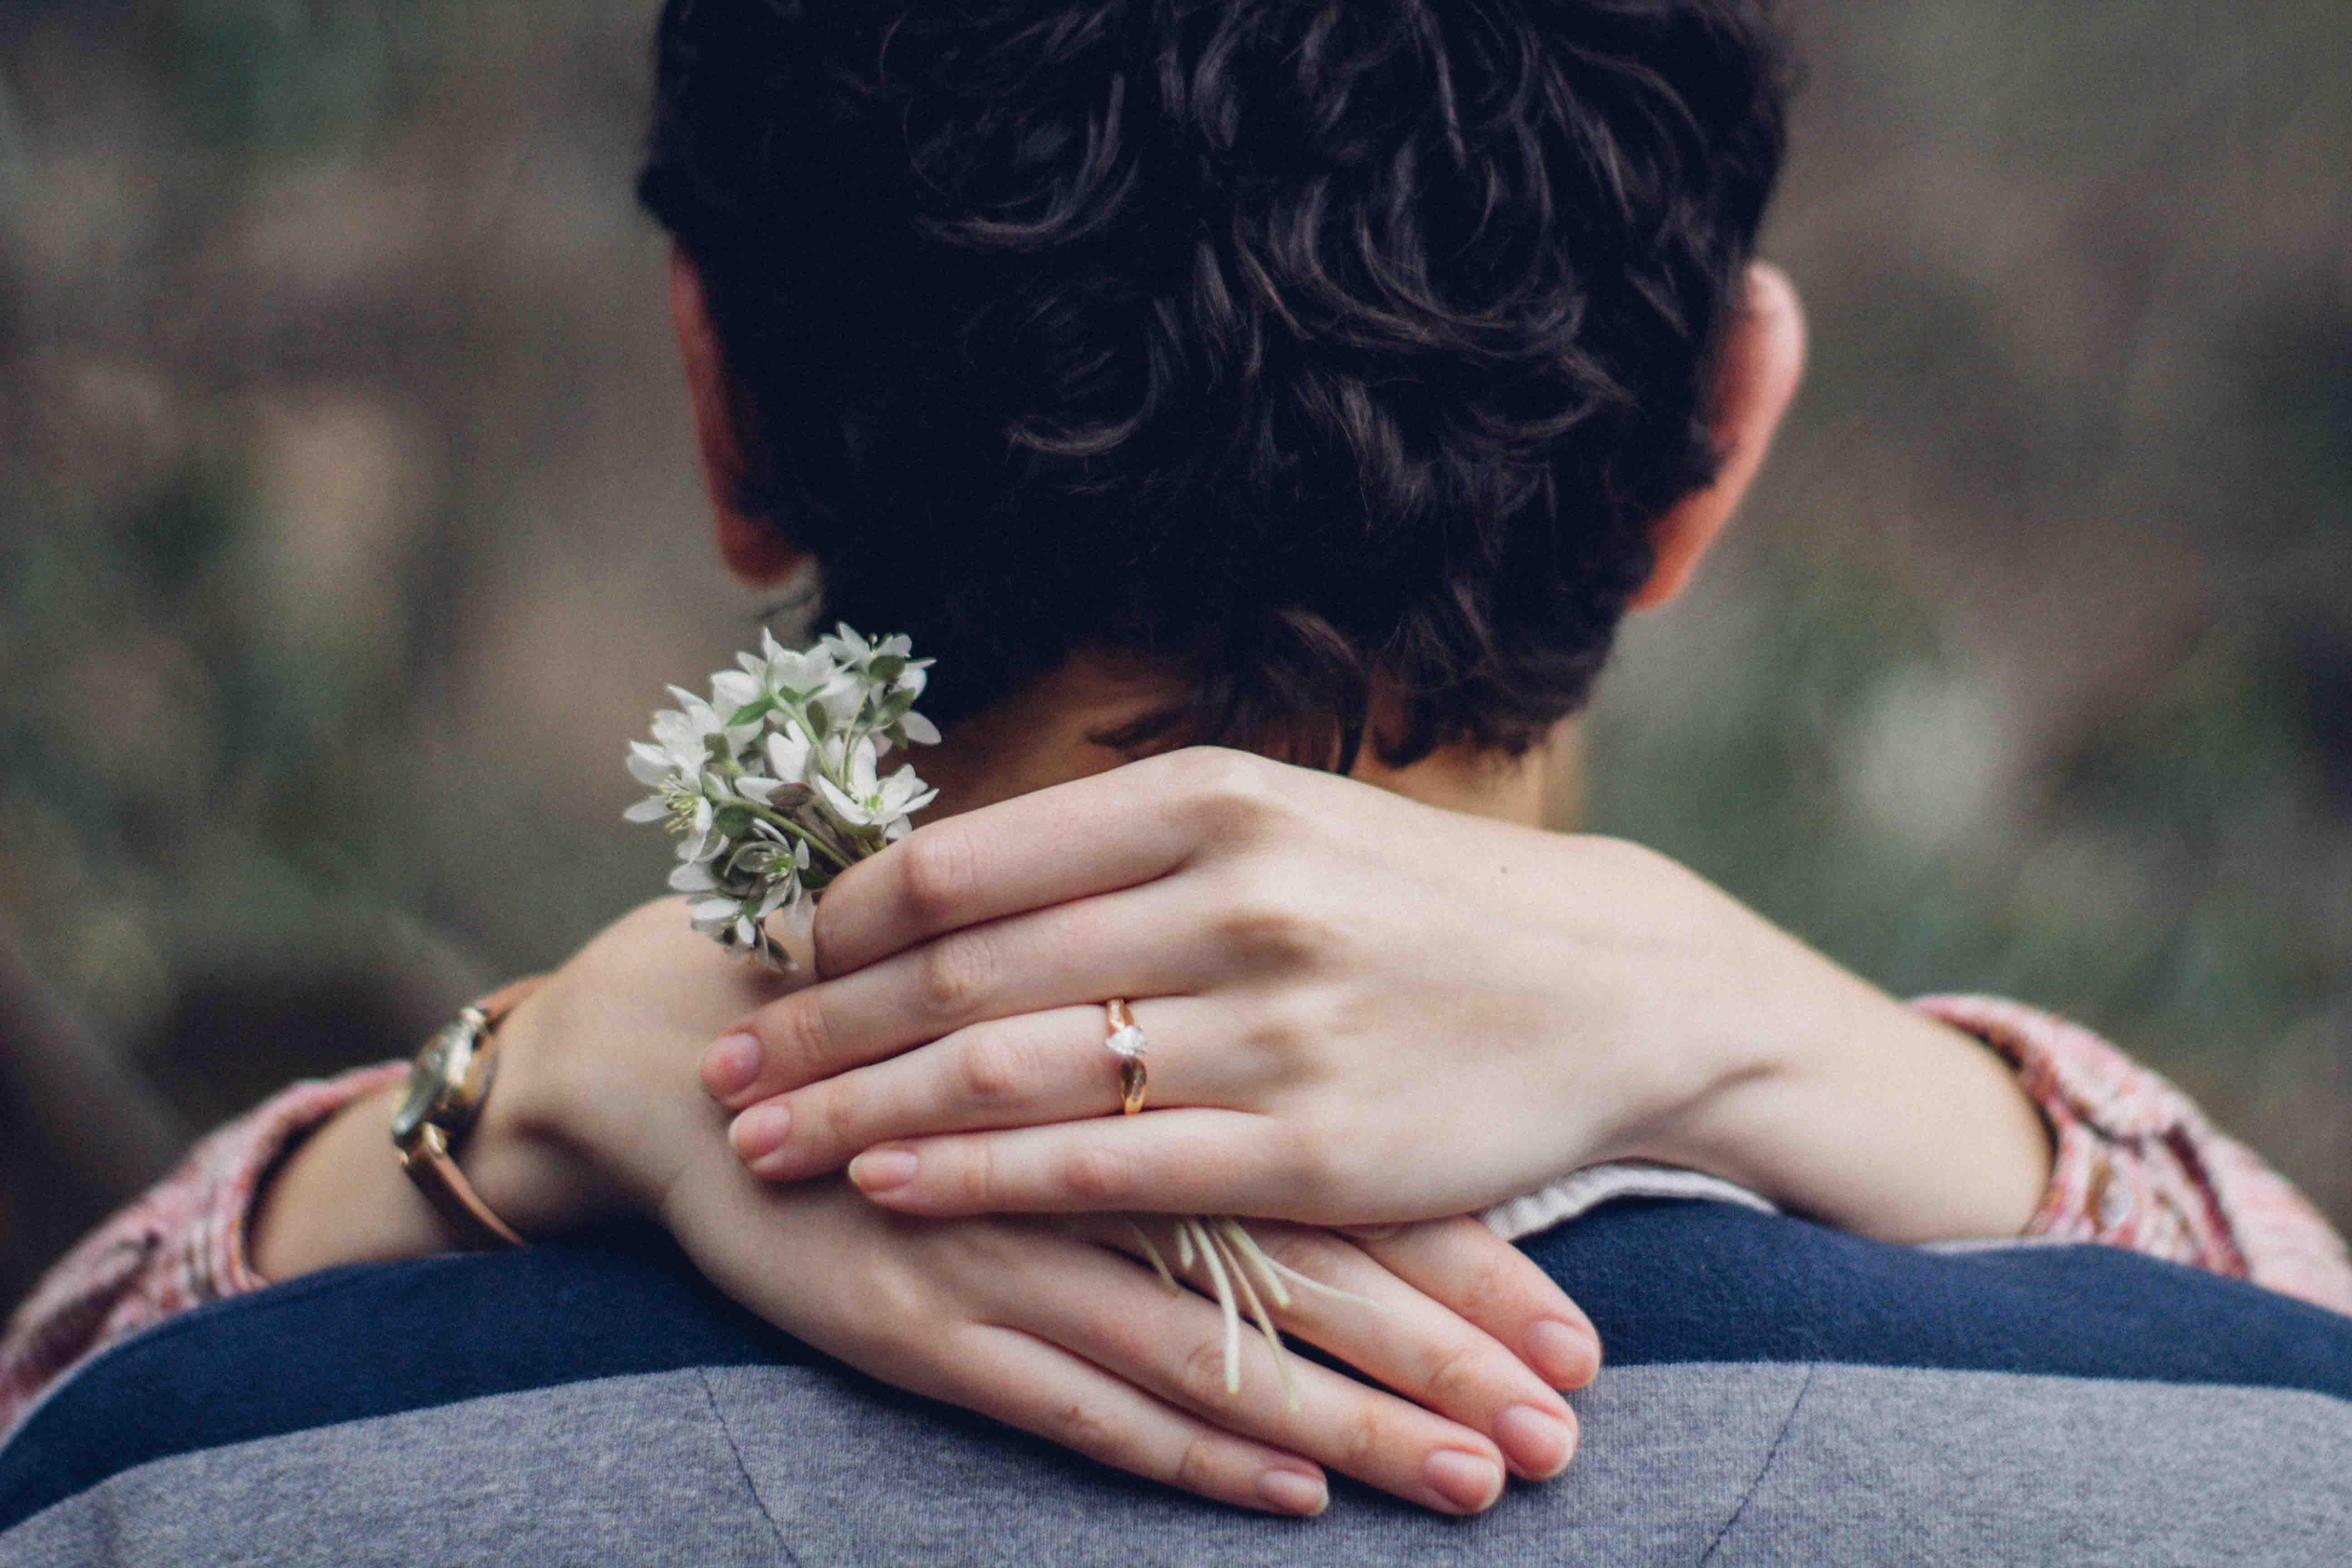 chàng trai cầu hôn cô gái